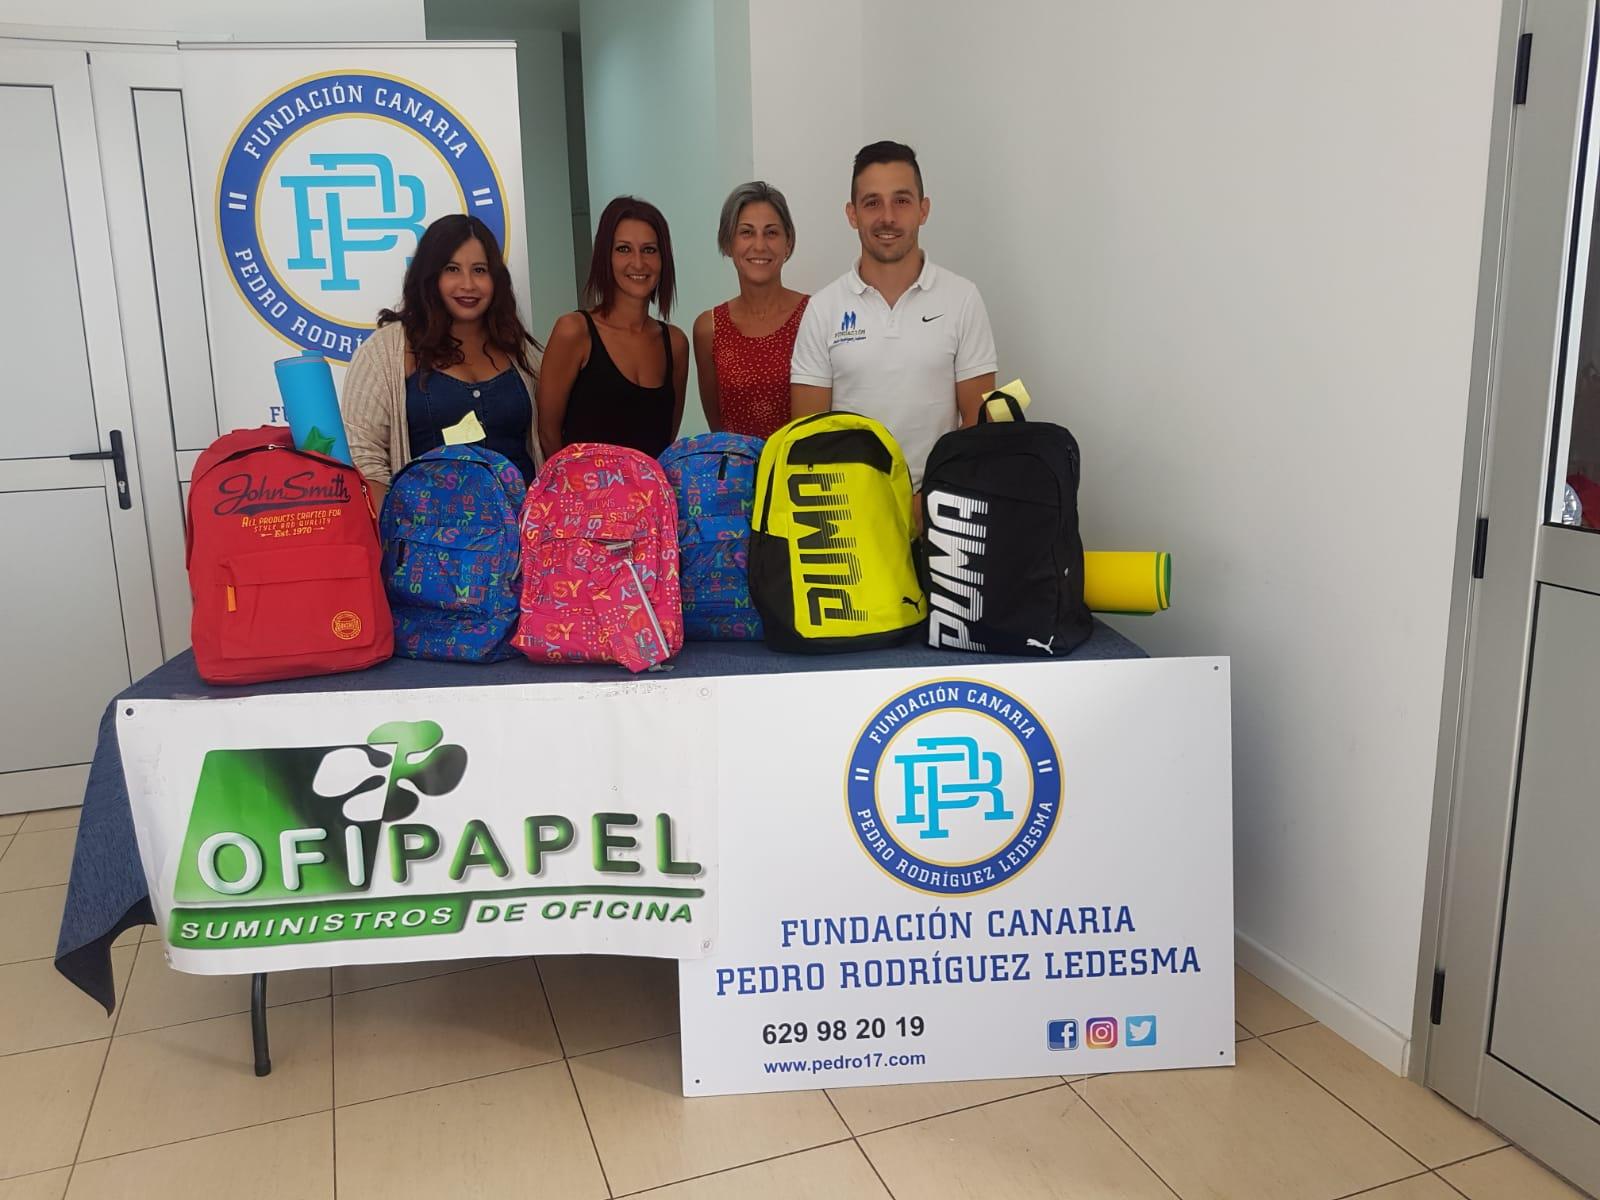 La Fundación Pedro Rodríguez Ledesma entrega mochilas solidarias en San Miguel de Abona